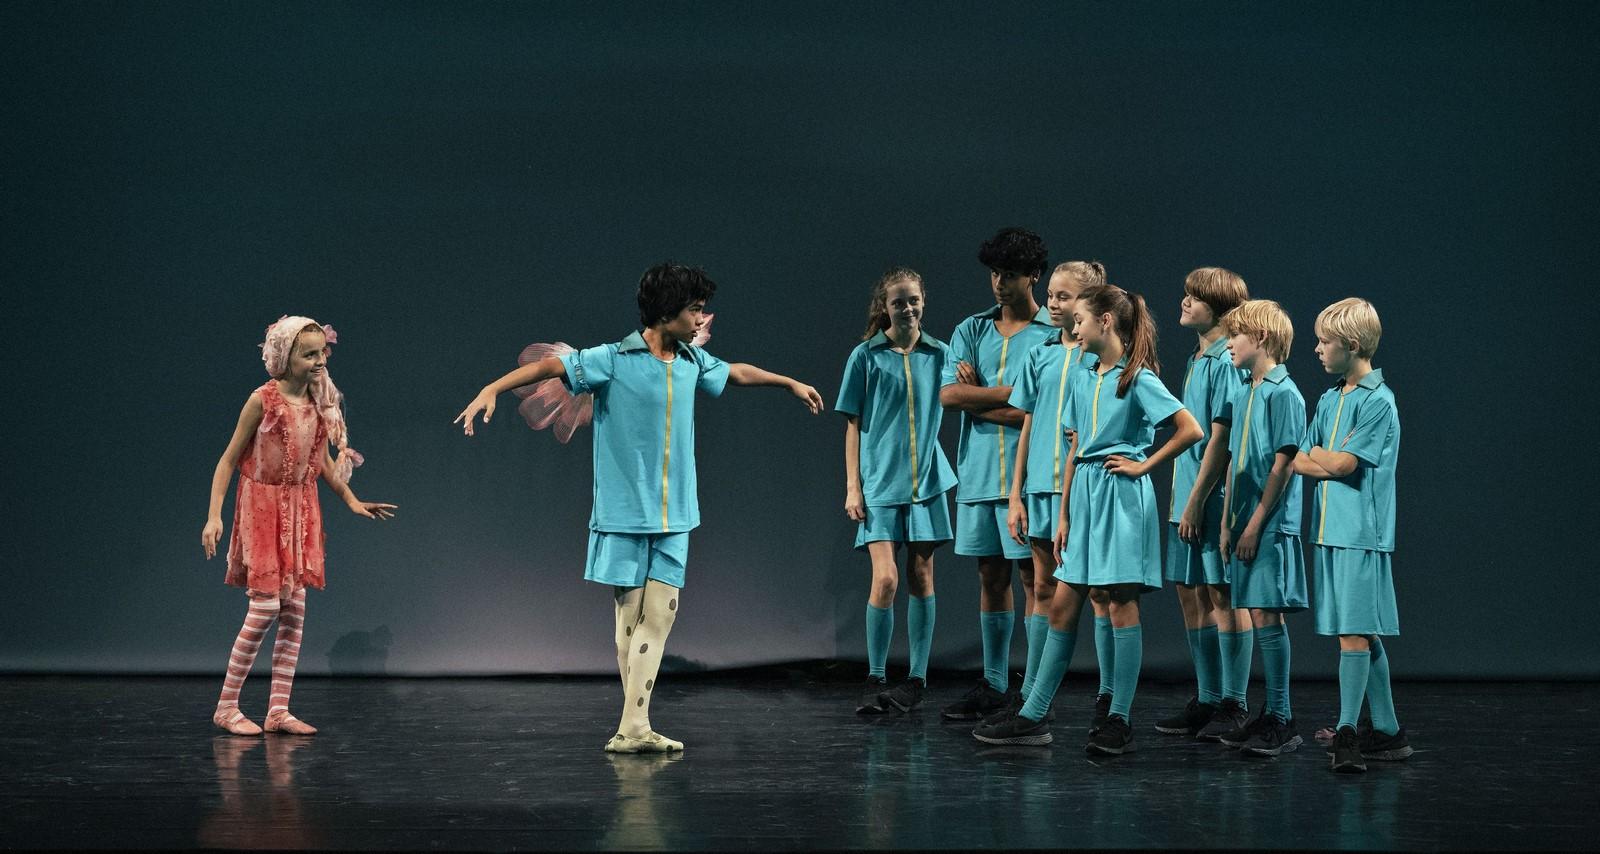 Anmeldelse: Dansefeber, Det Kongelige Teater